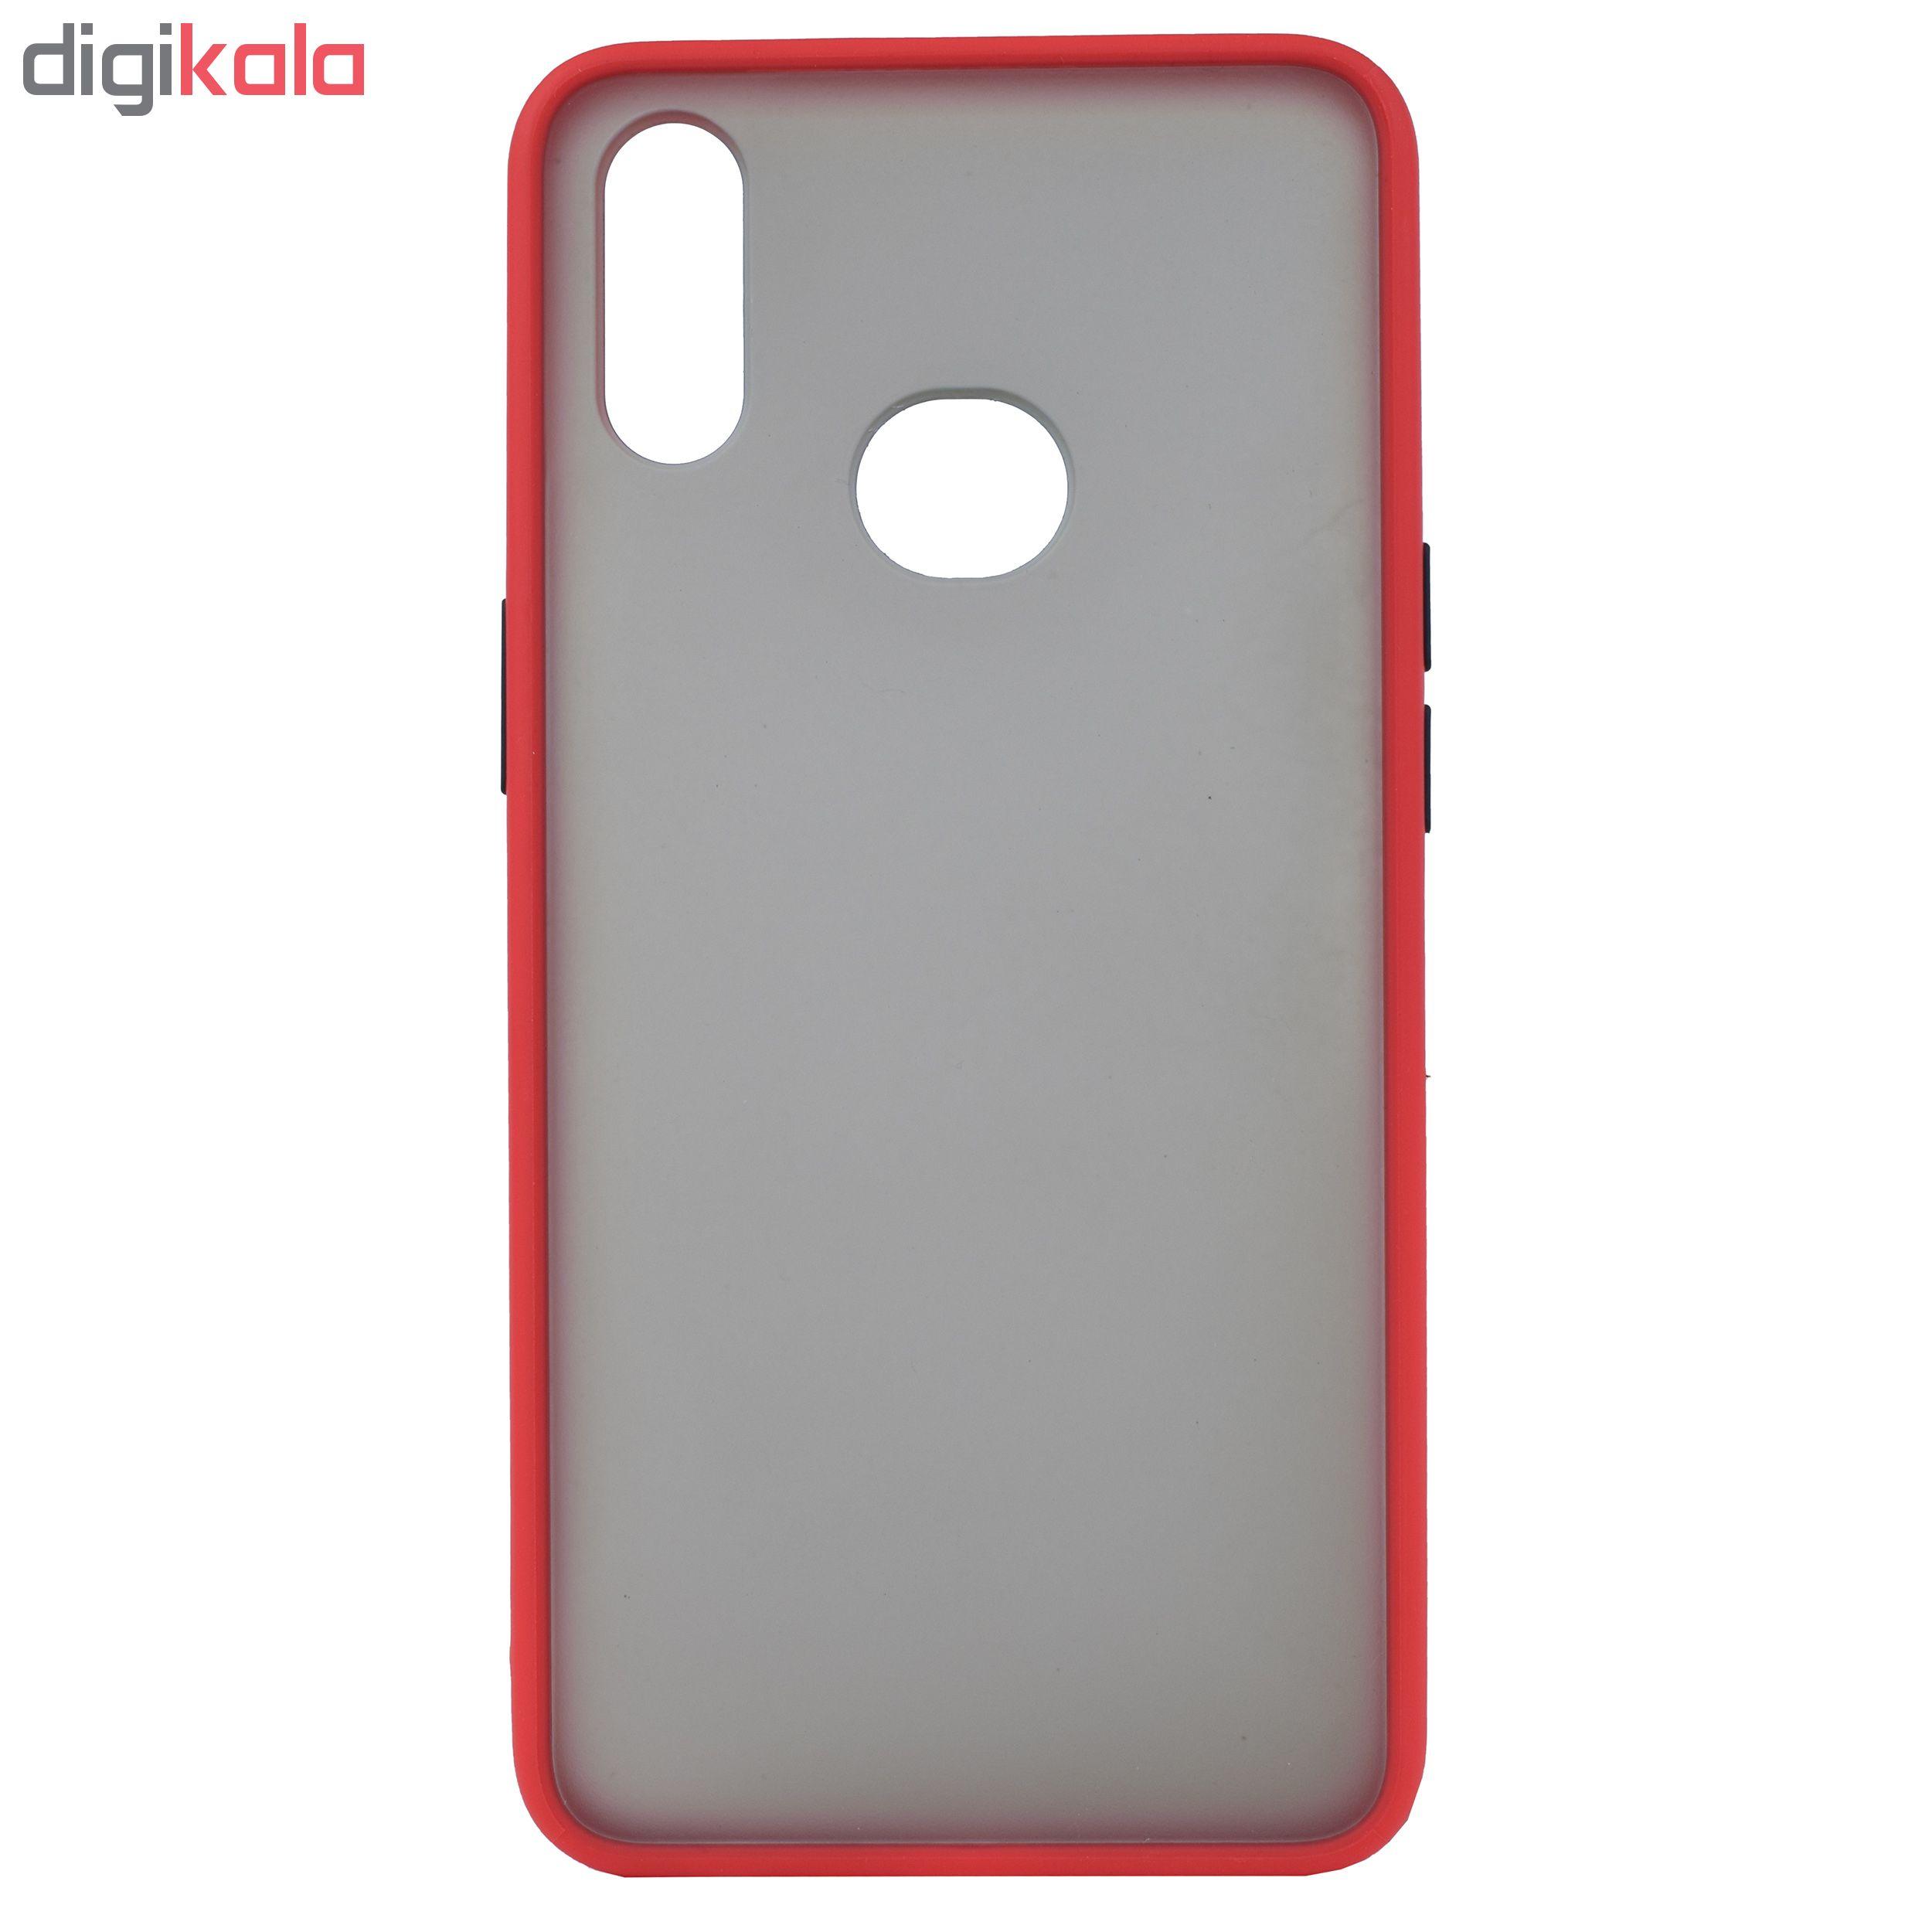 کاور مدل Slico01 مناسب برای گوشی موبایل سامسونگ Galaxy A10S main 1 11